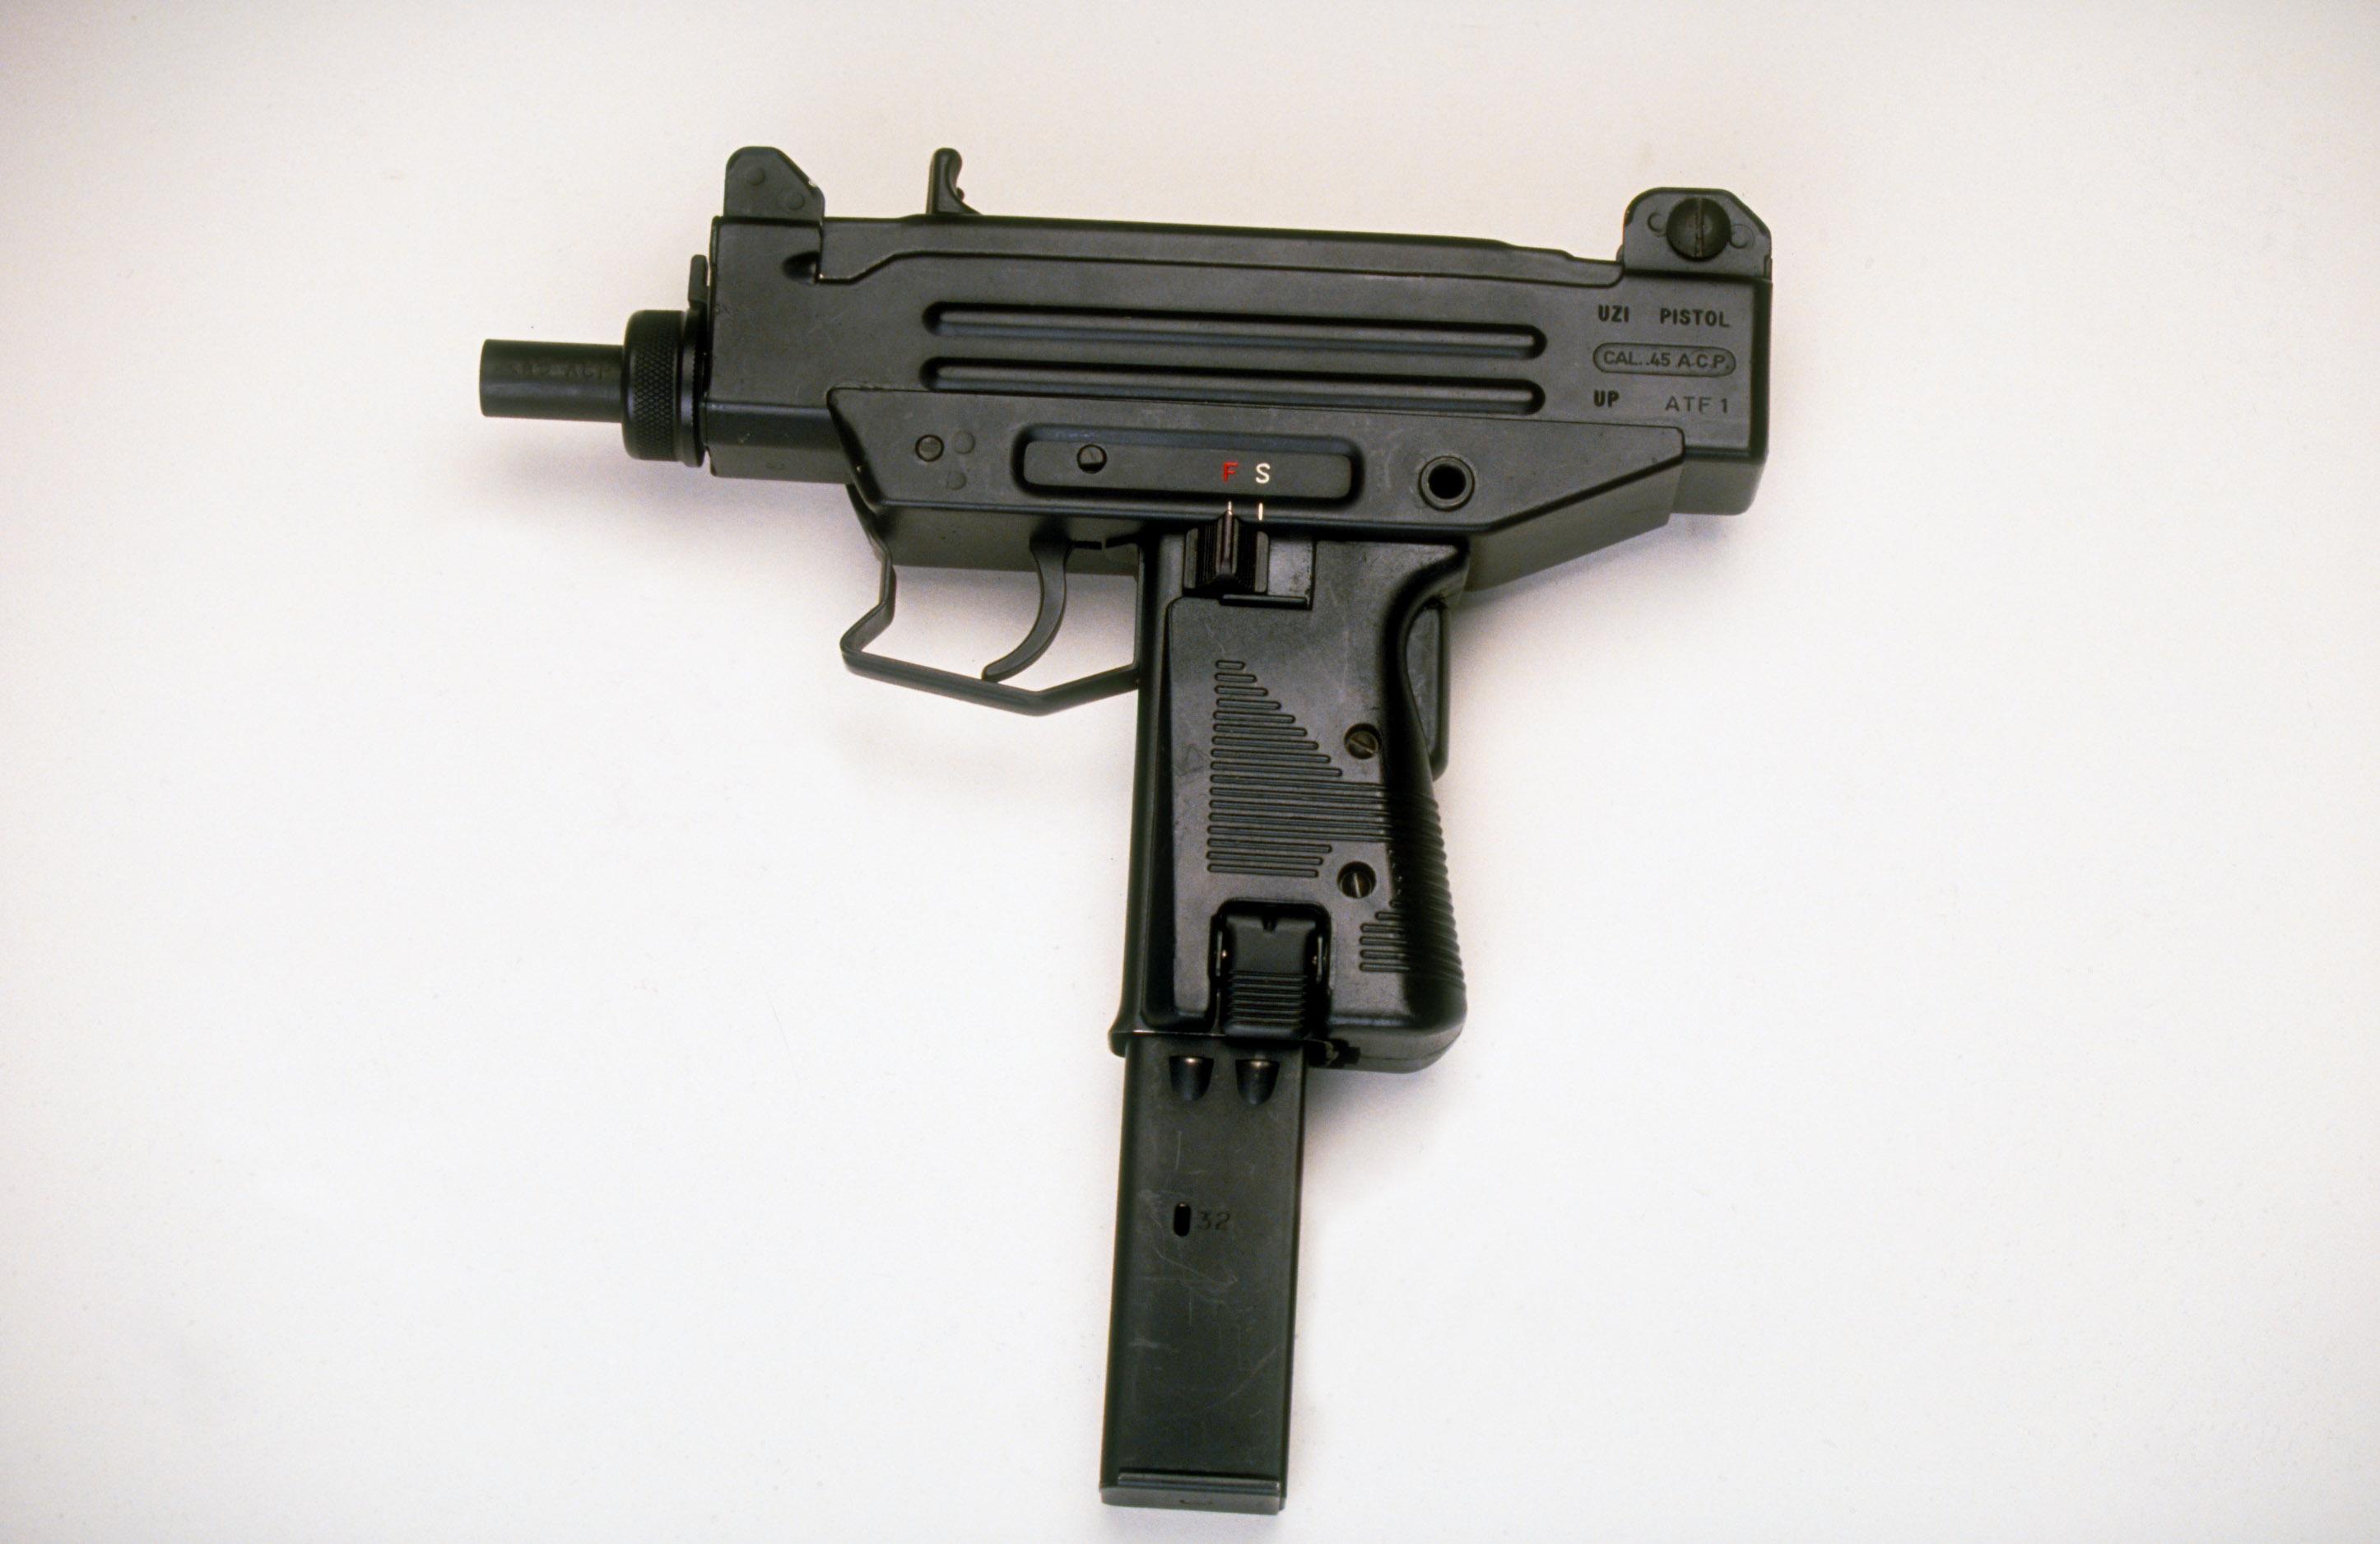 An UZI assault pistol